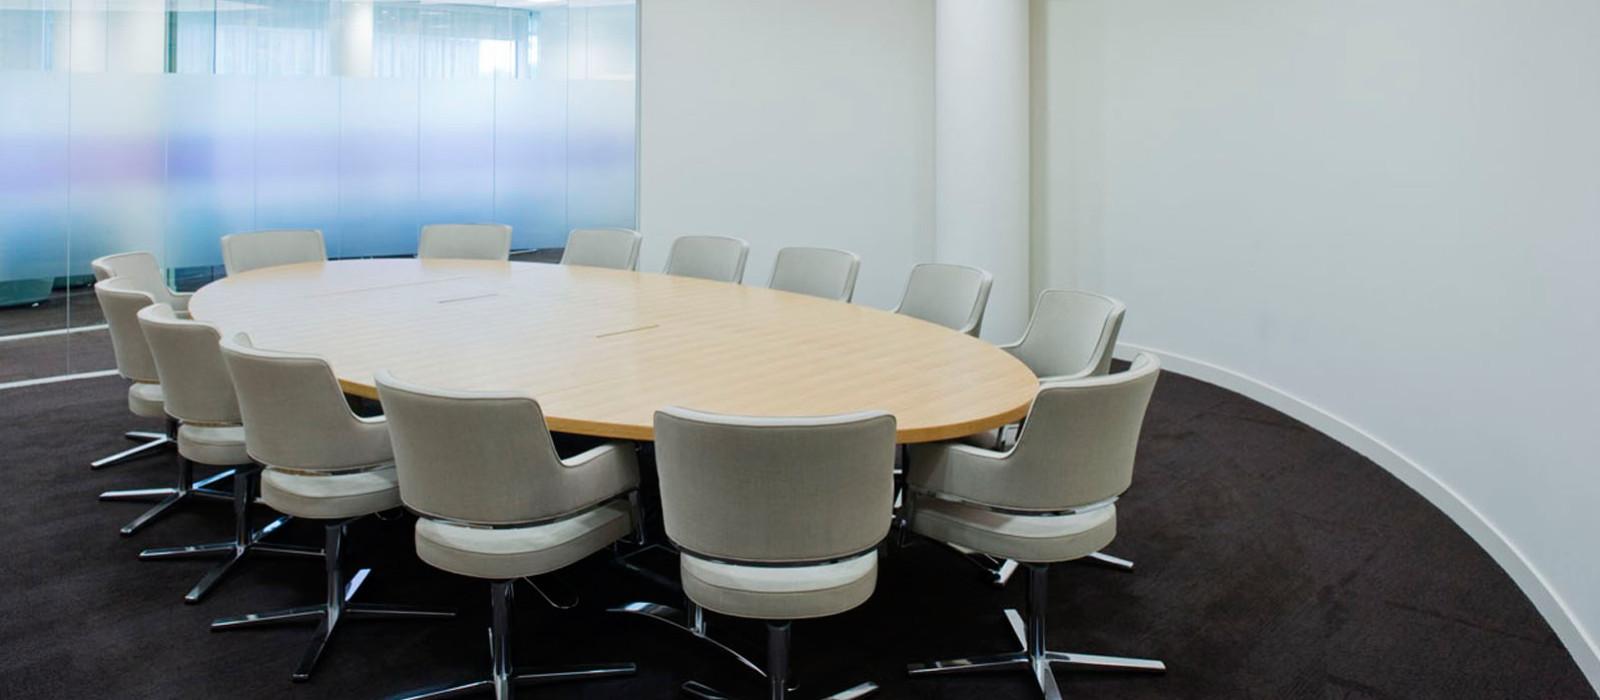 Ovaler Tisch in weißem Meeting-Raum